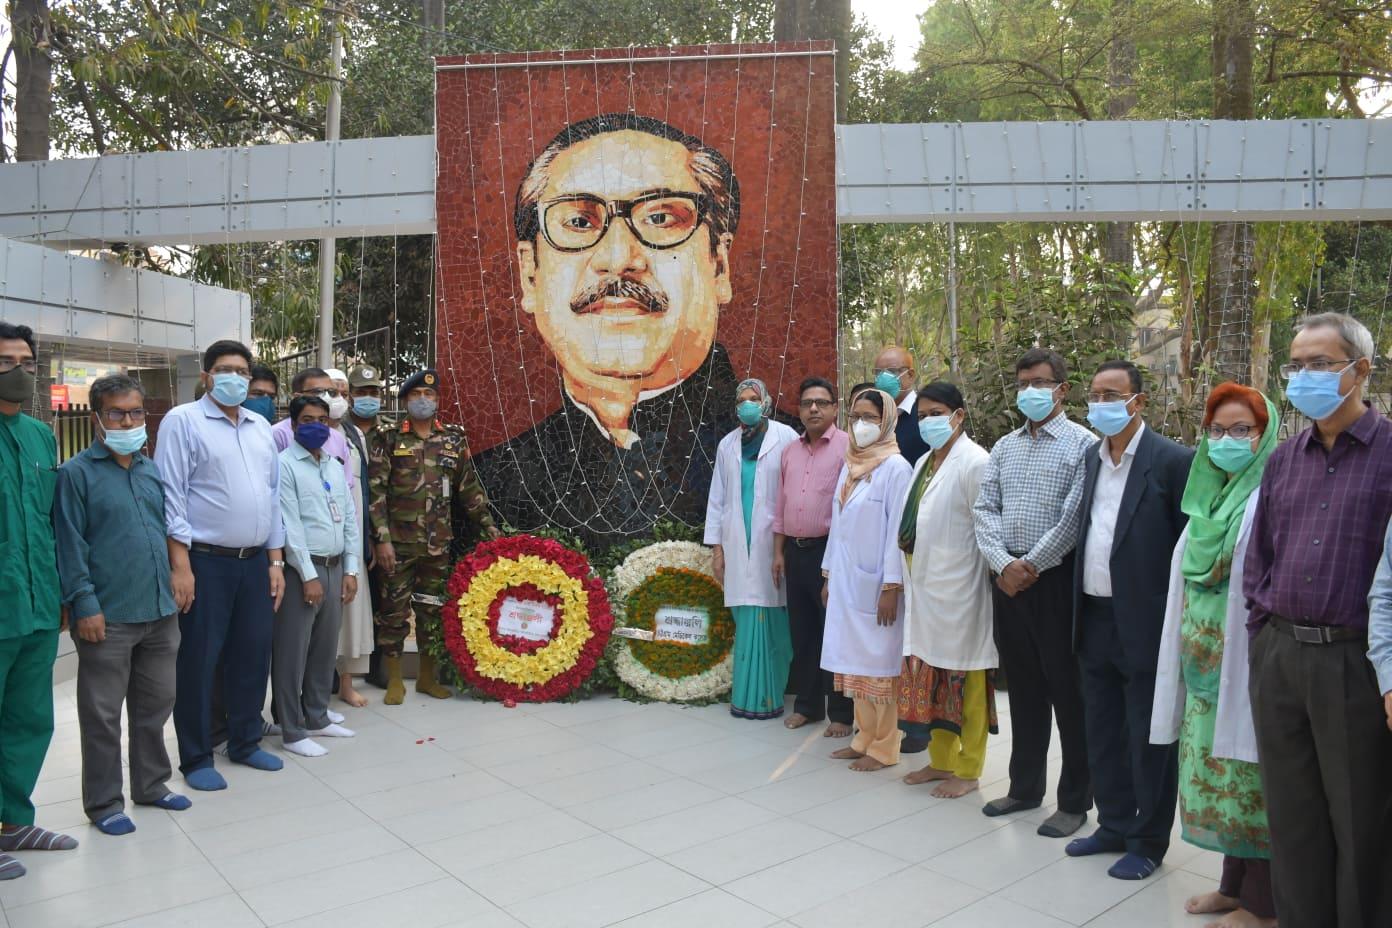 চট্টগ্রাম মেডিকেল কলেজে নানা আয়োজনে ঐতিহাসিক ৭ই মার্চ জাতীয় দিবস পালিত